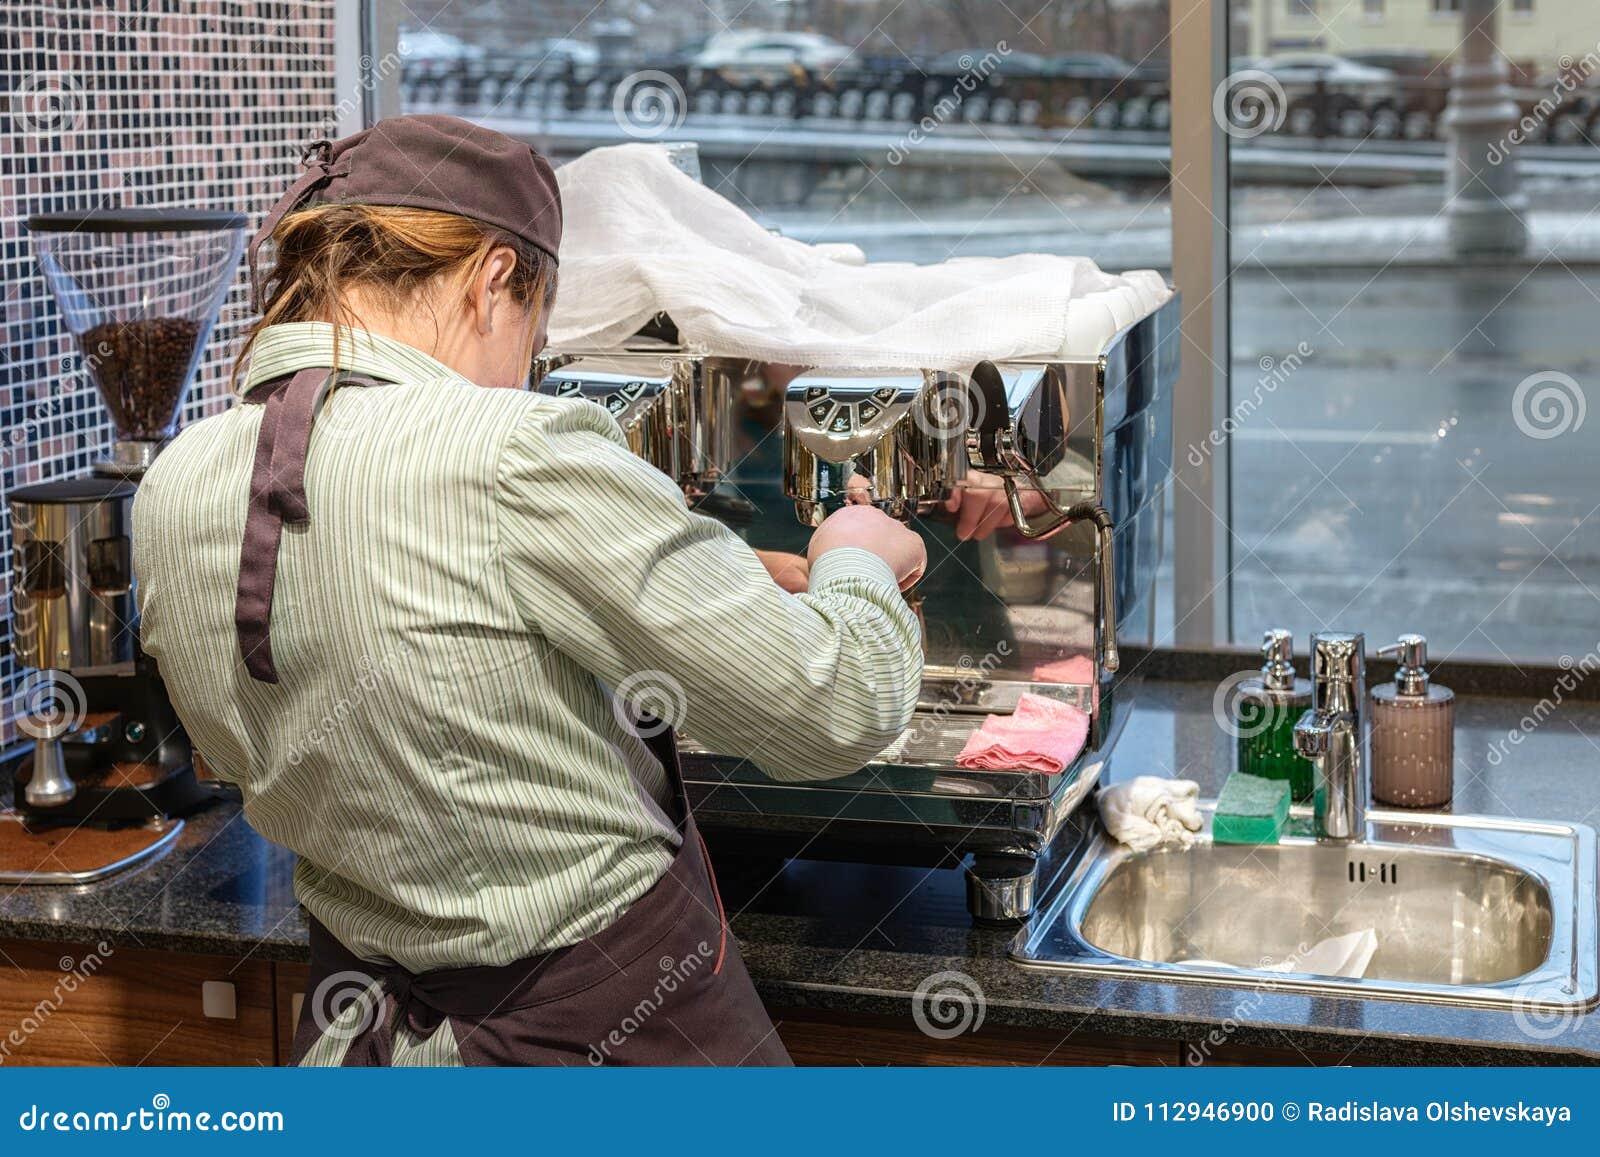 Barista-Mädchen bereitet Kaffee in der Kaffeemaschine zu